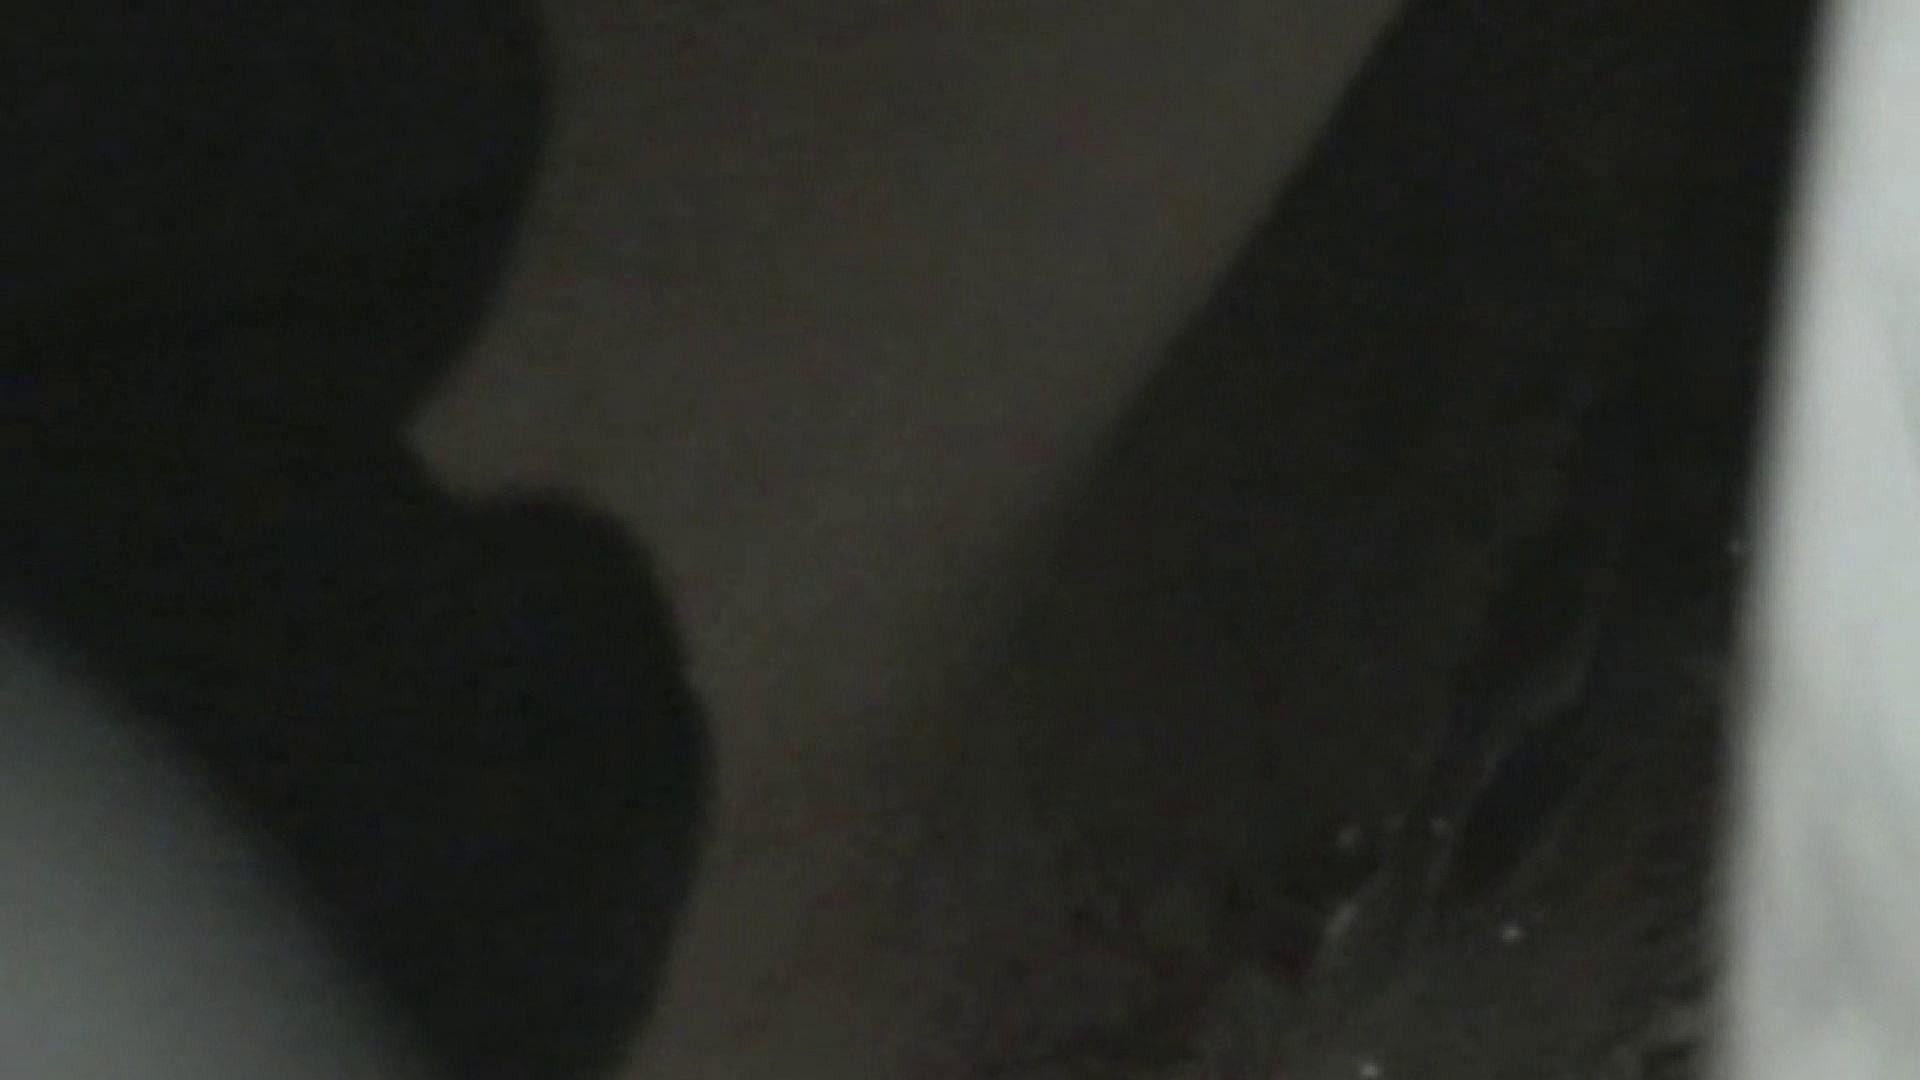 ロックハンドさんの盗撮記録File.46 厠・・・ セックス画像 85PIX 76